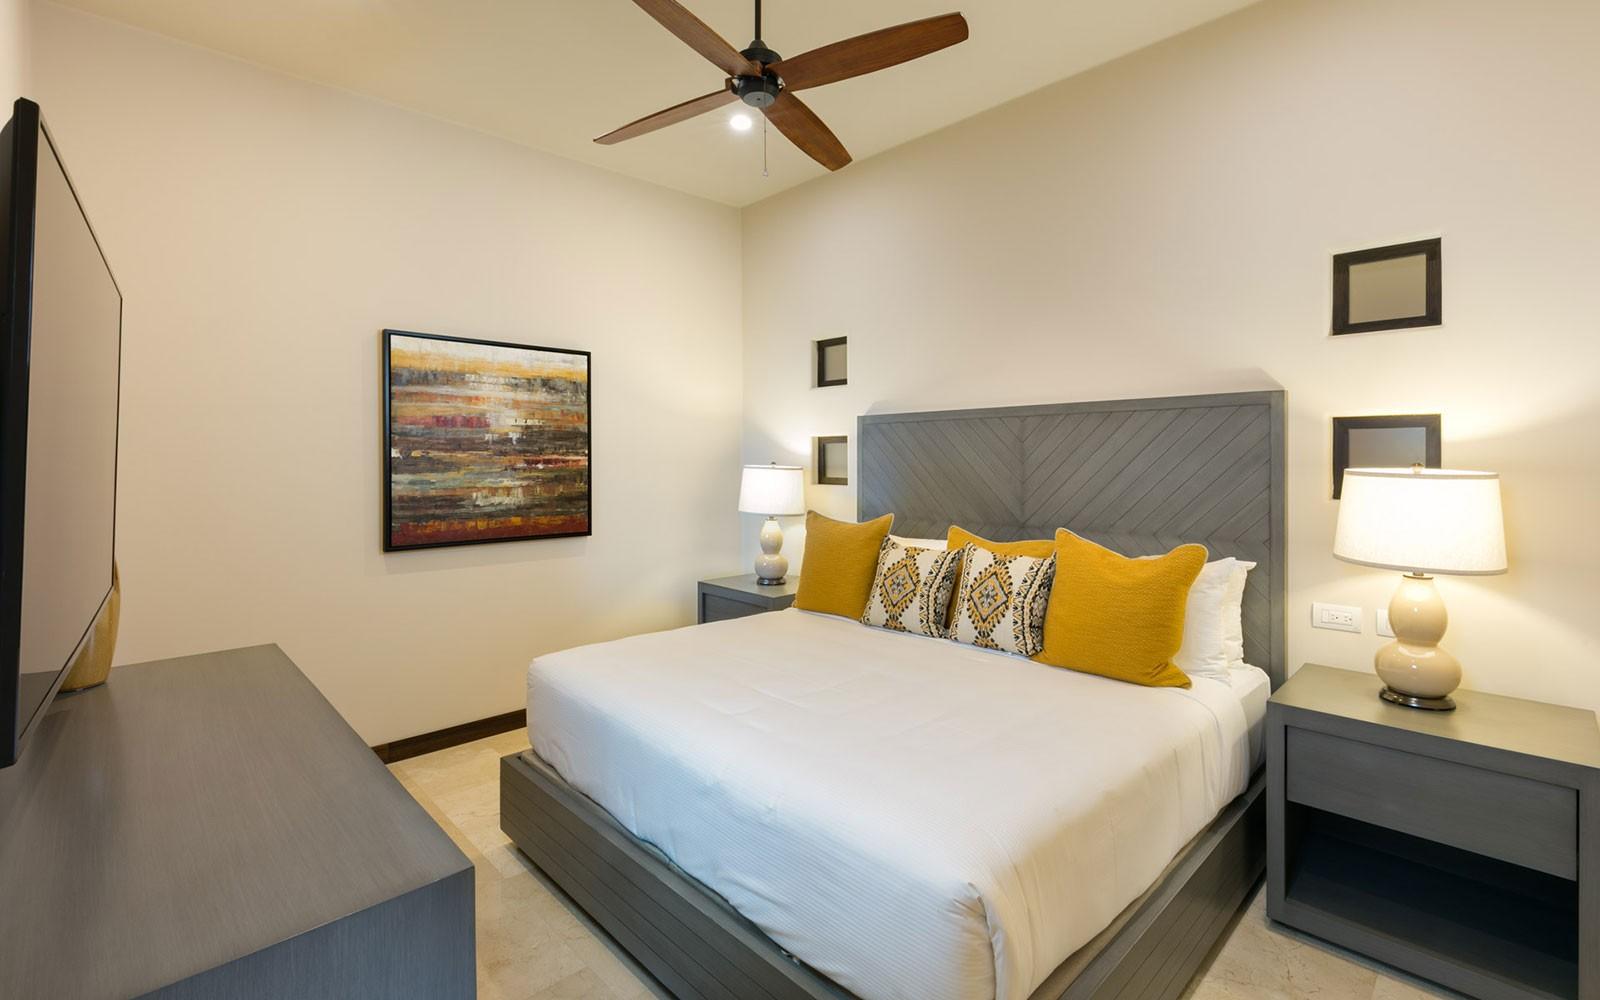 golf-diamante-real-estate-ocr-3-bedroom-011